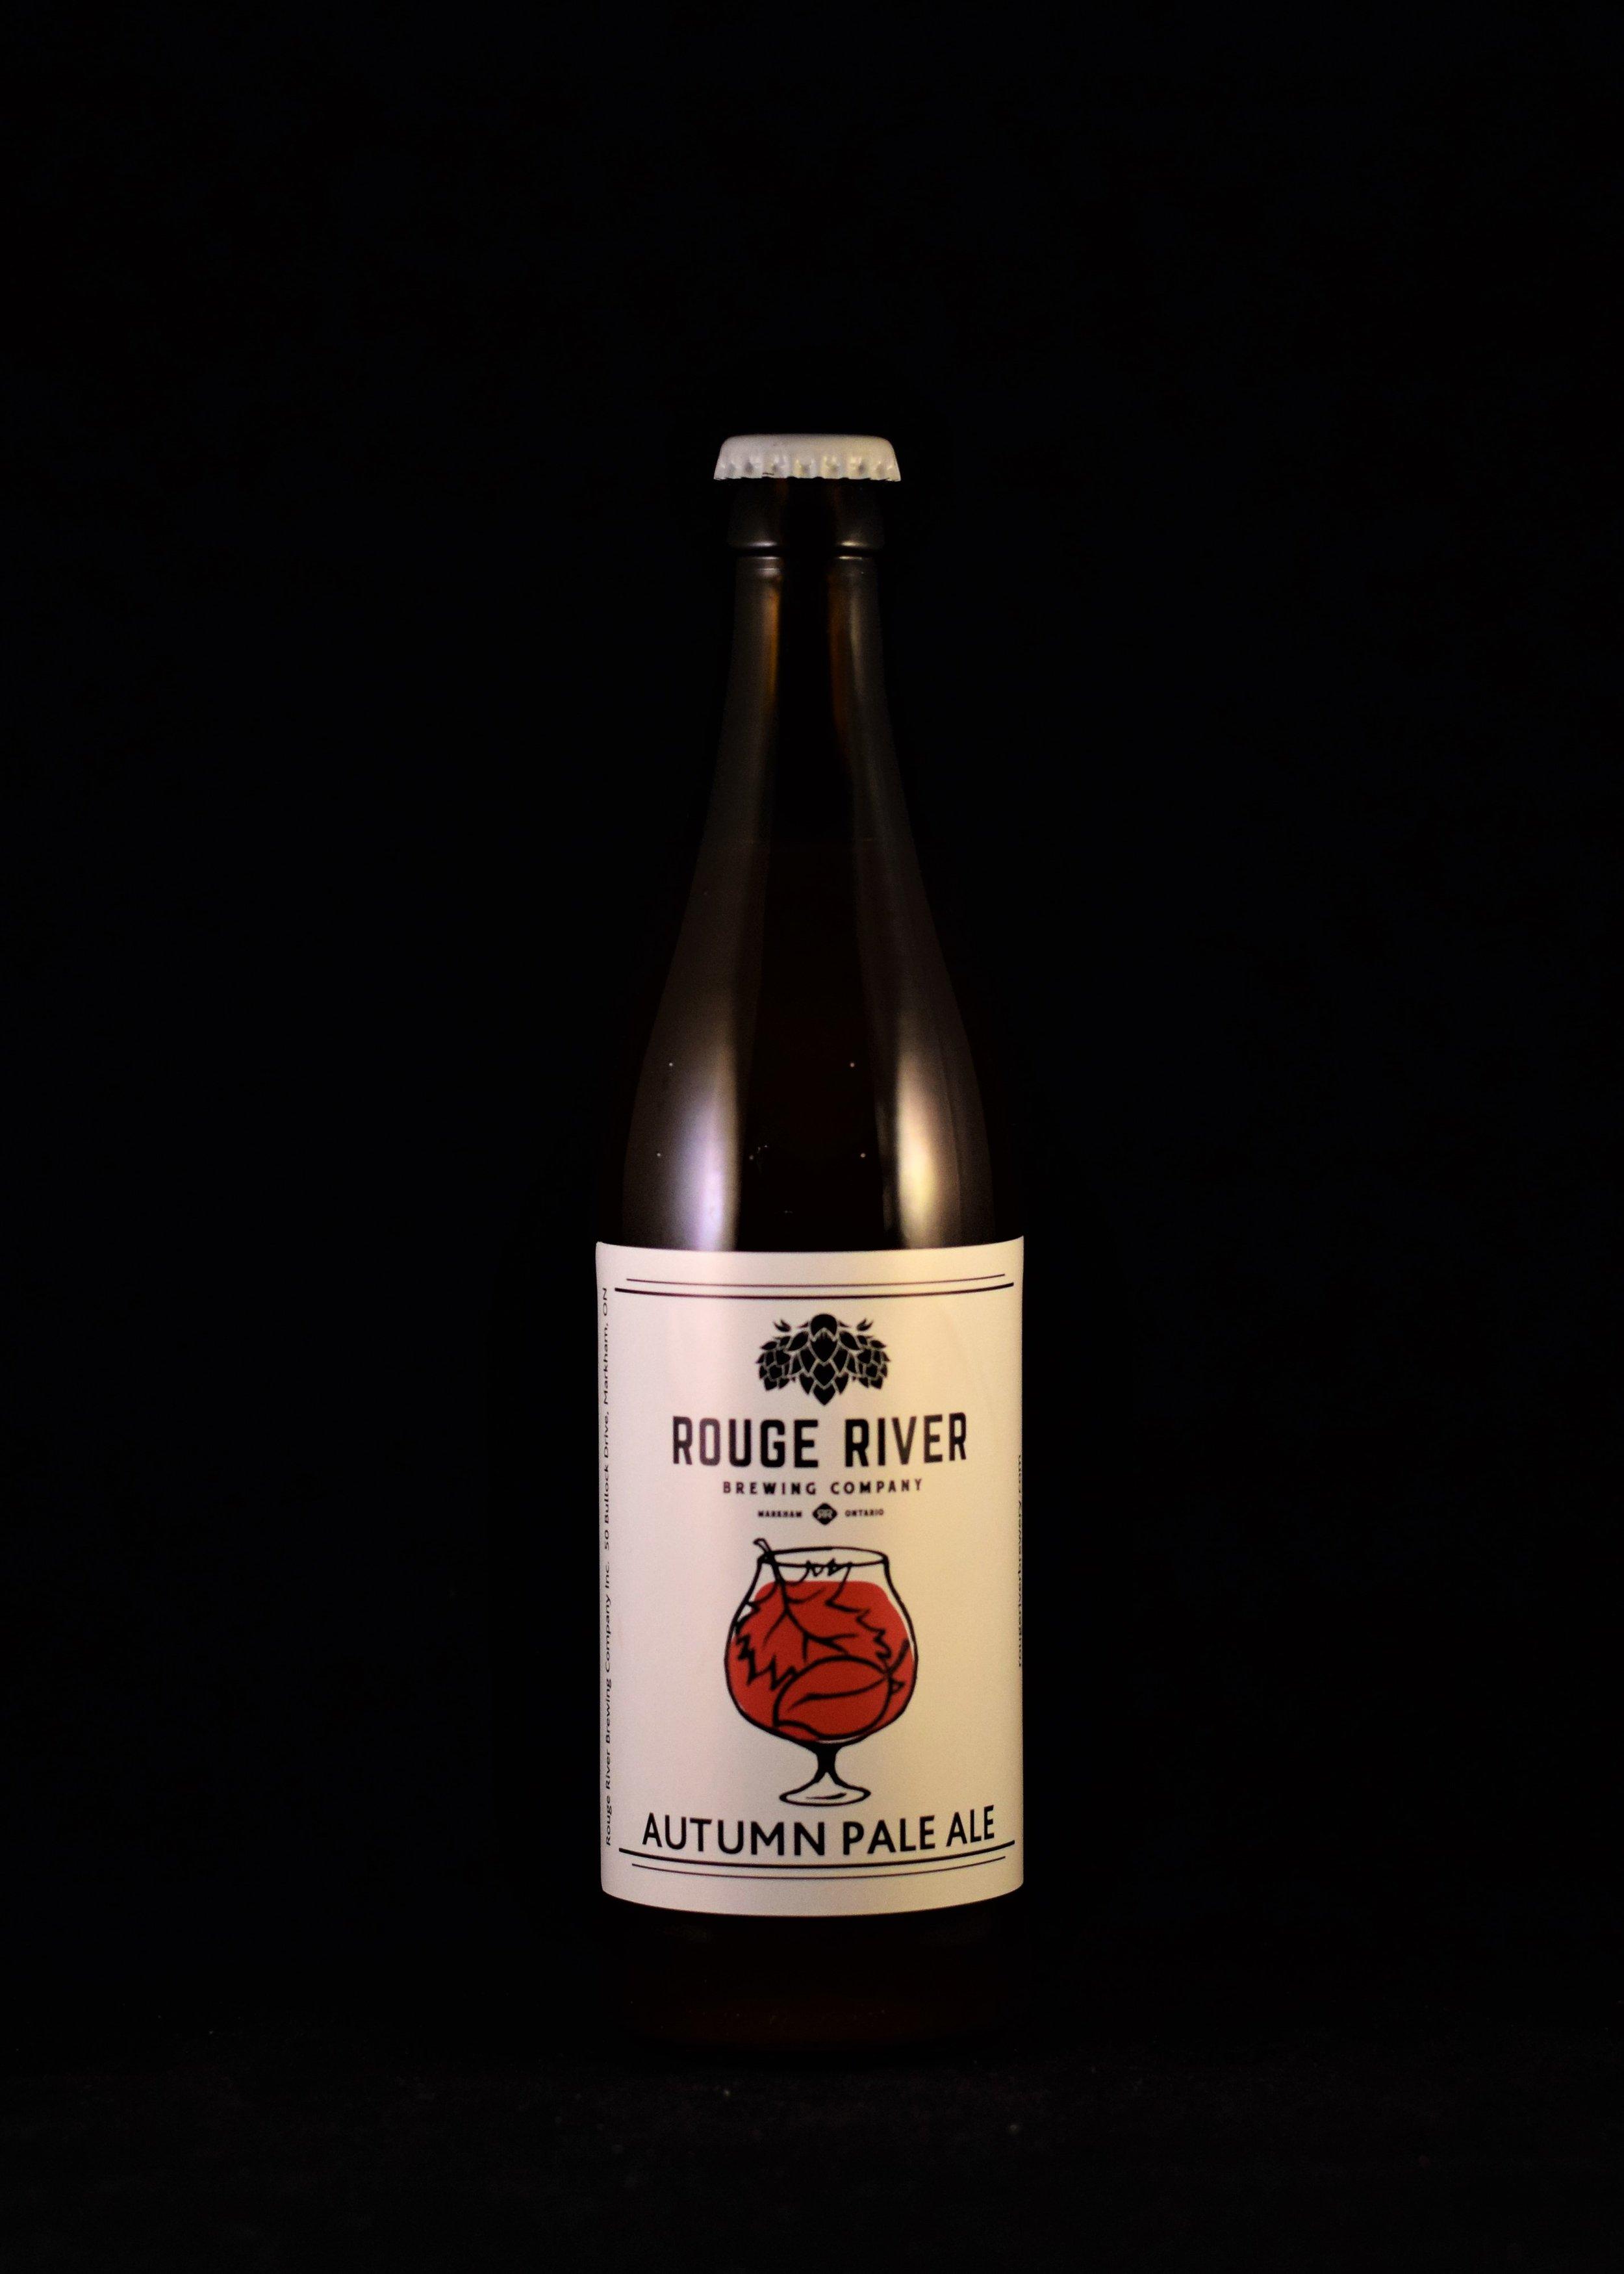 Rouge River - Autumn Pale Ale